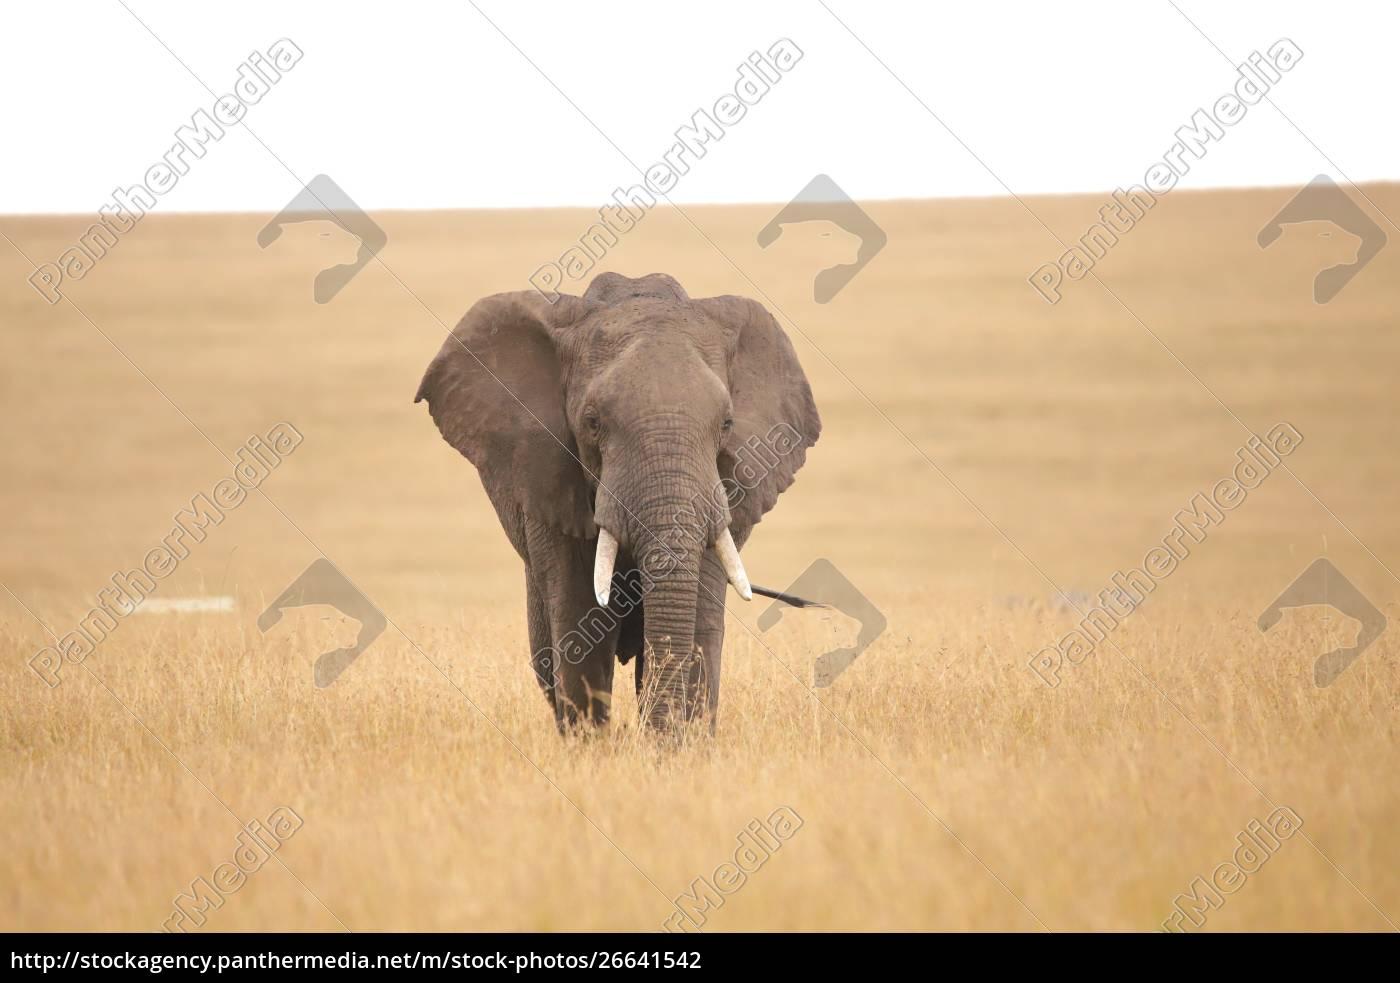 afrikanischer, elefant, in, der, savanne - 26641542